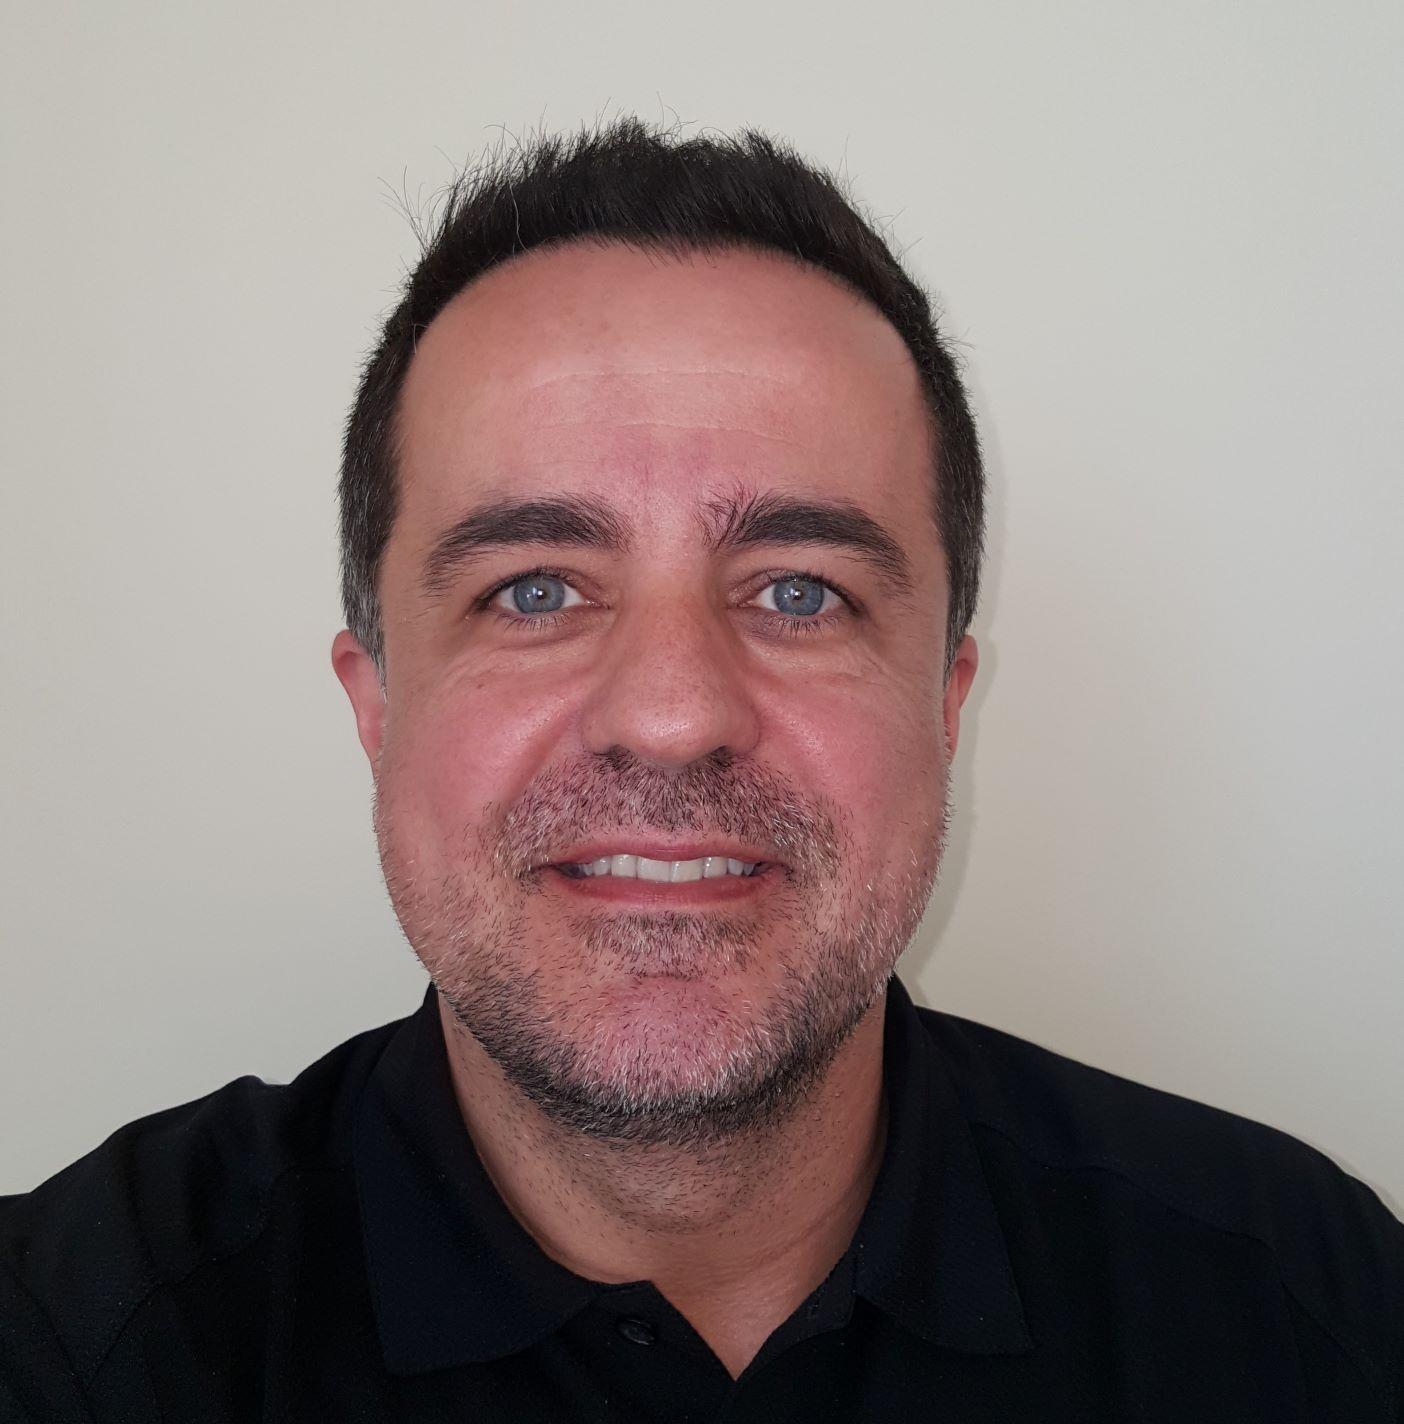 Jordi Garcia Carvajal